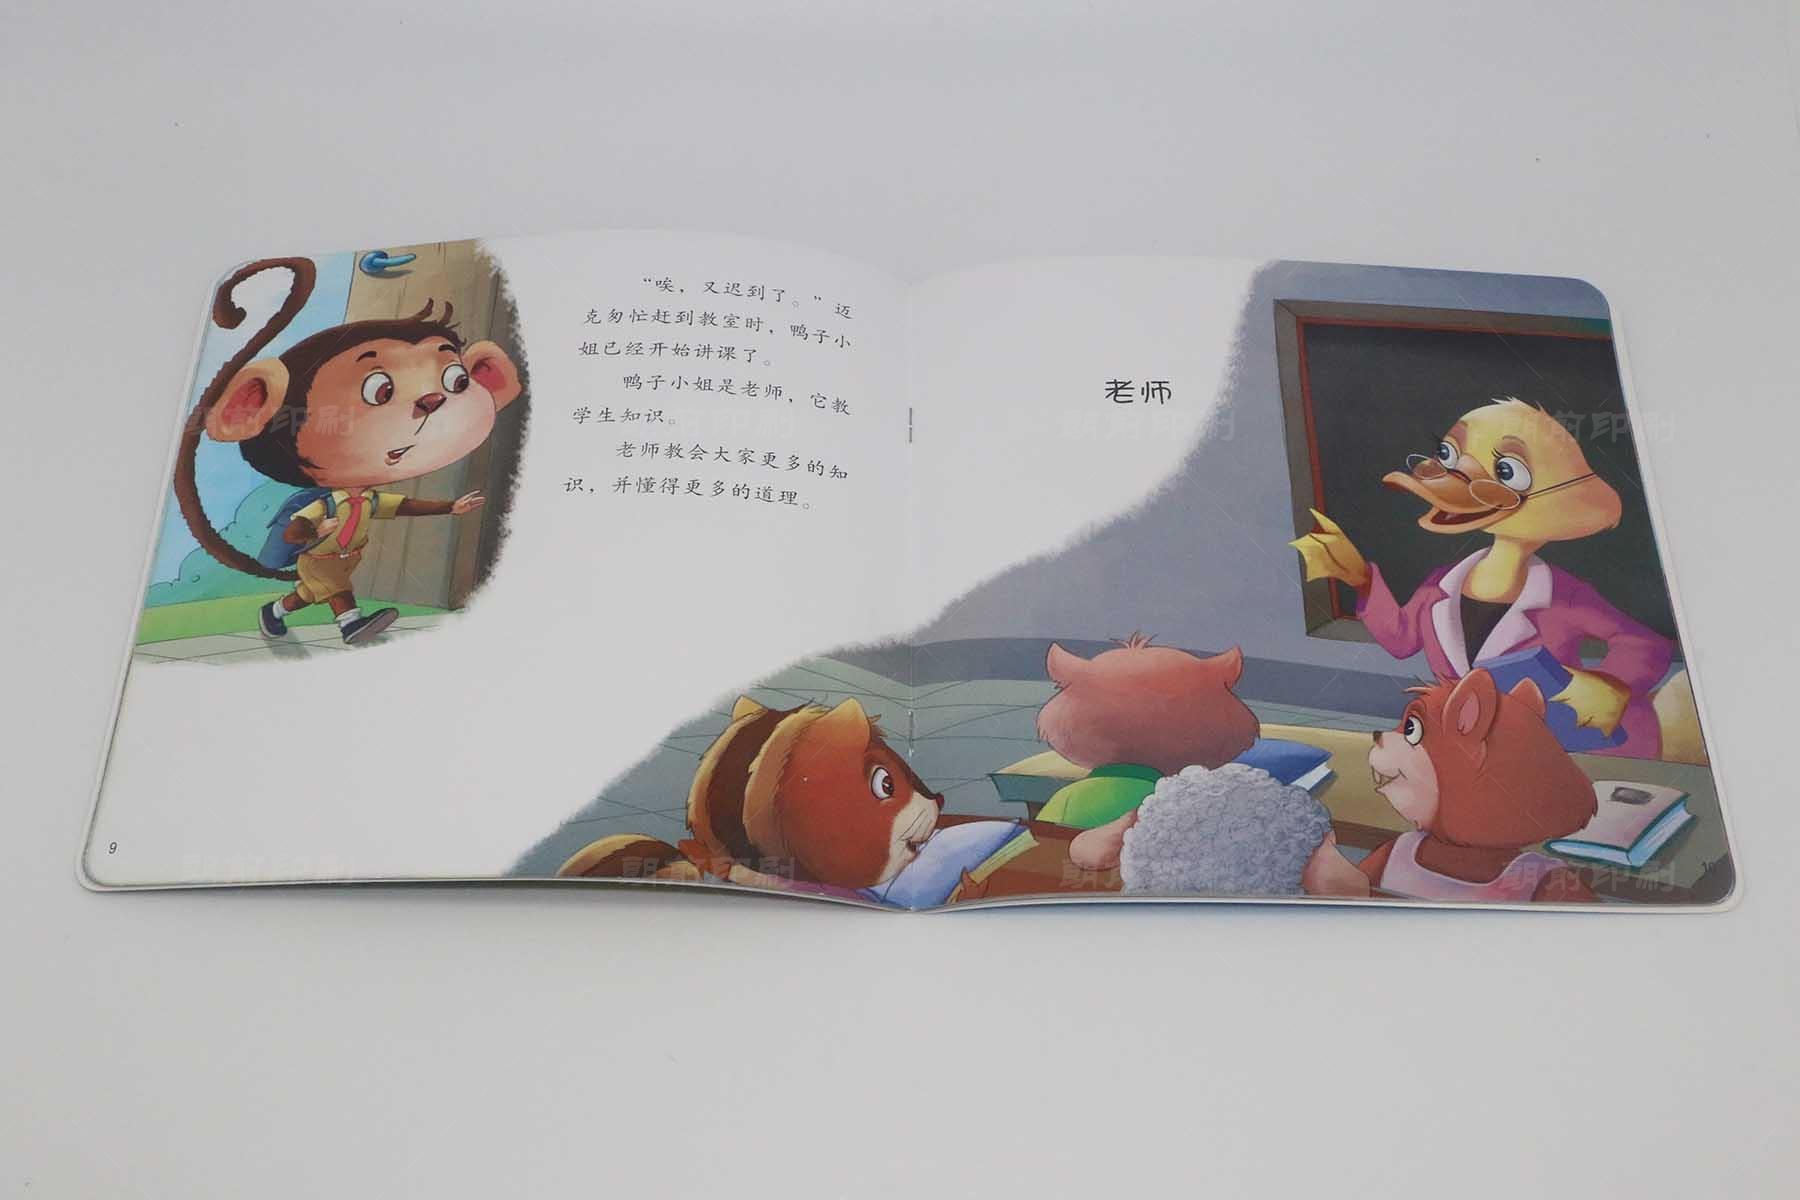 争当环保小卫士 骑钉儿童启蒙书印刷